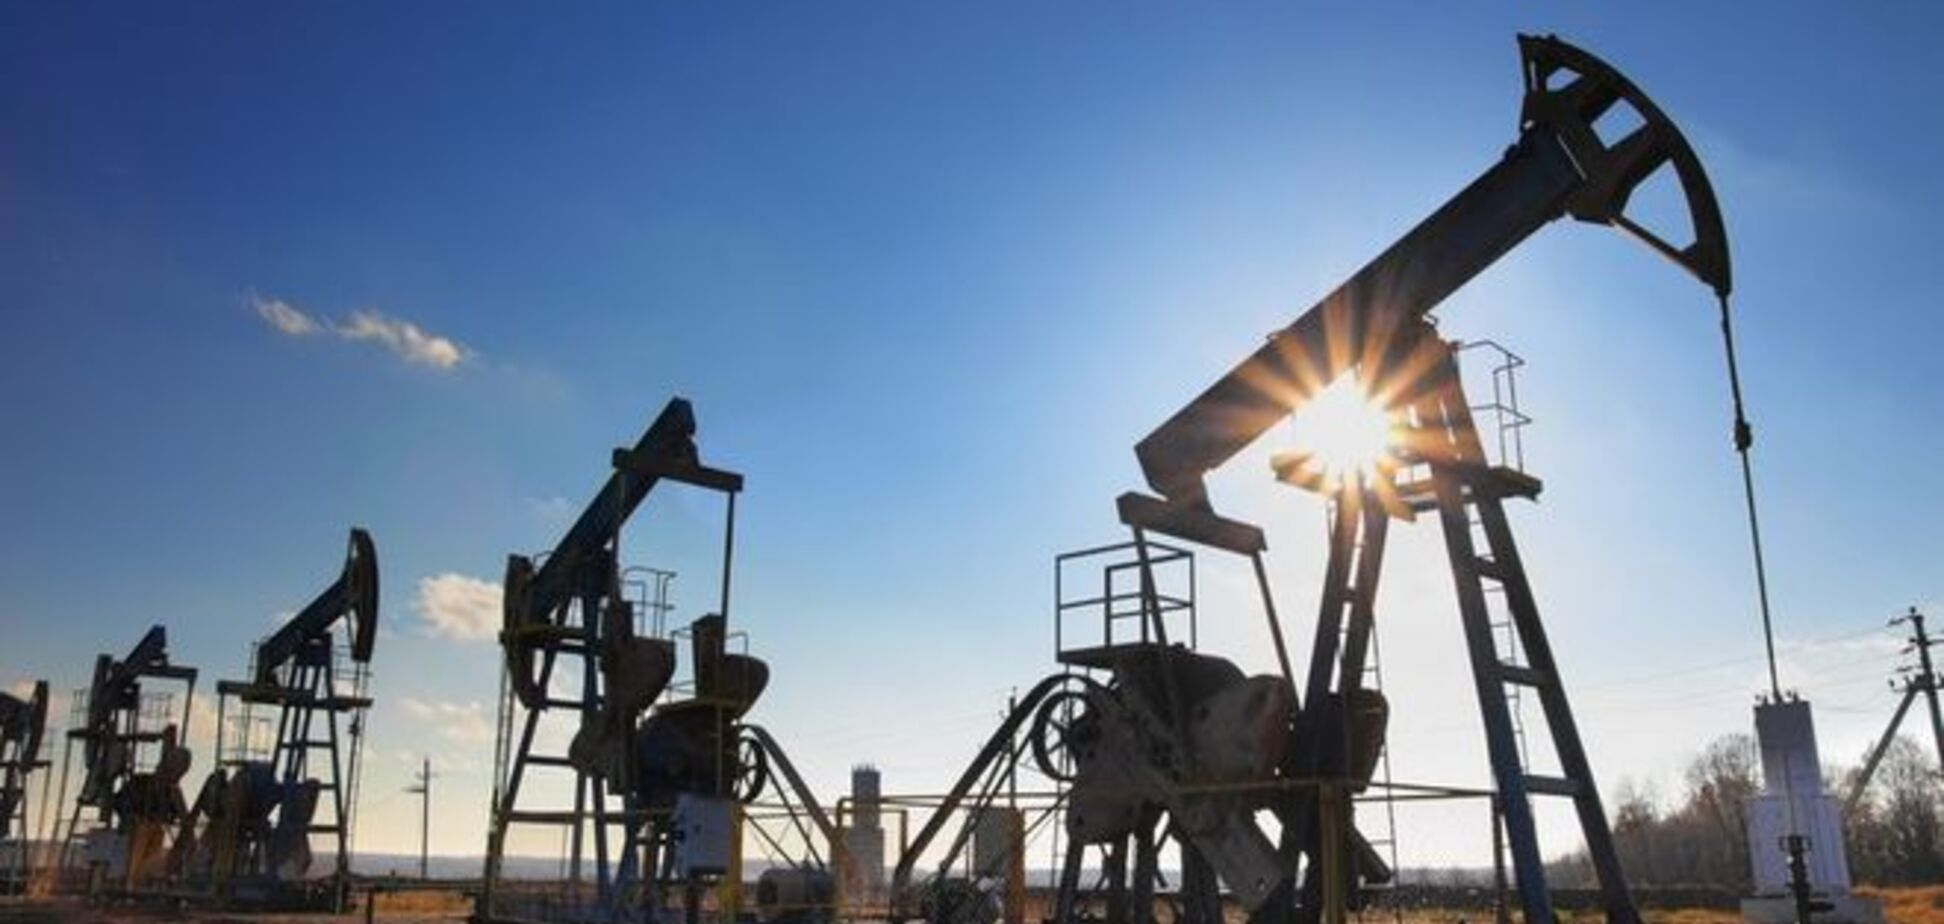 Нафта почала дорожчати - 15 липня 2015